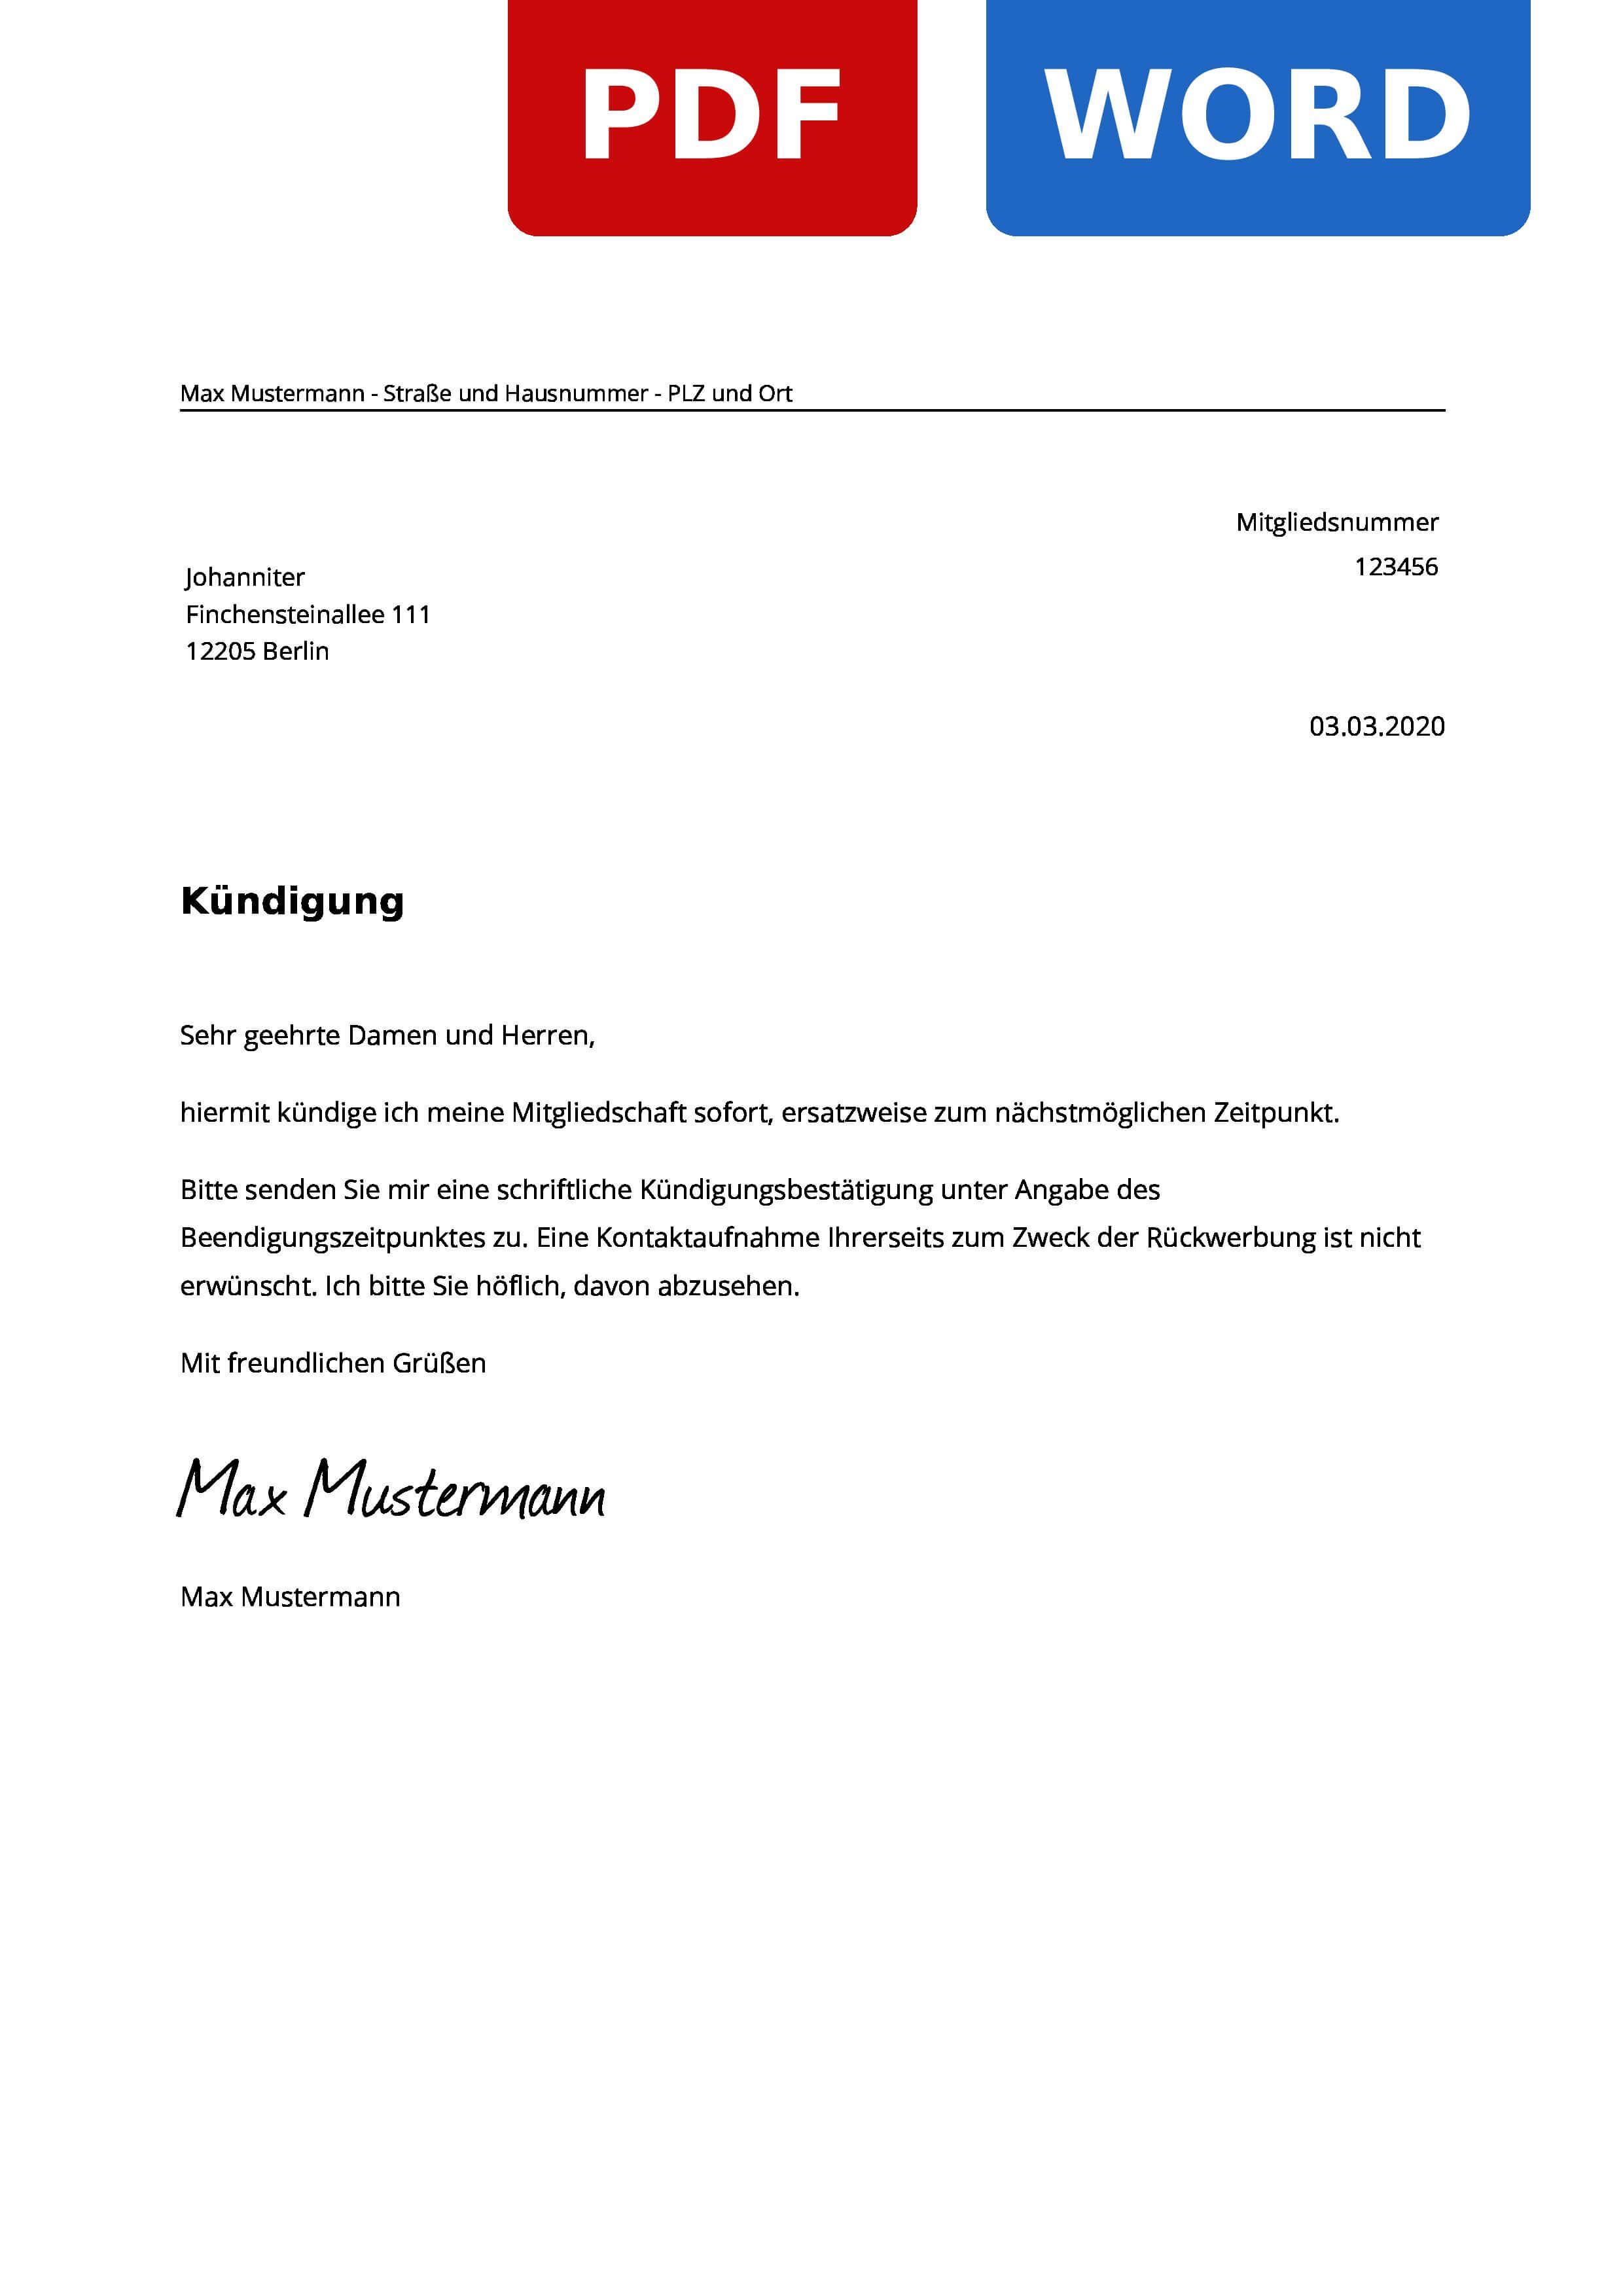 Johanniter Kundigen Muster Vorlage Zur Kundigung